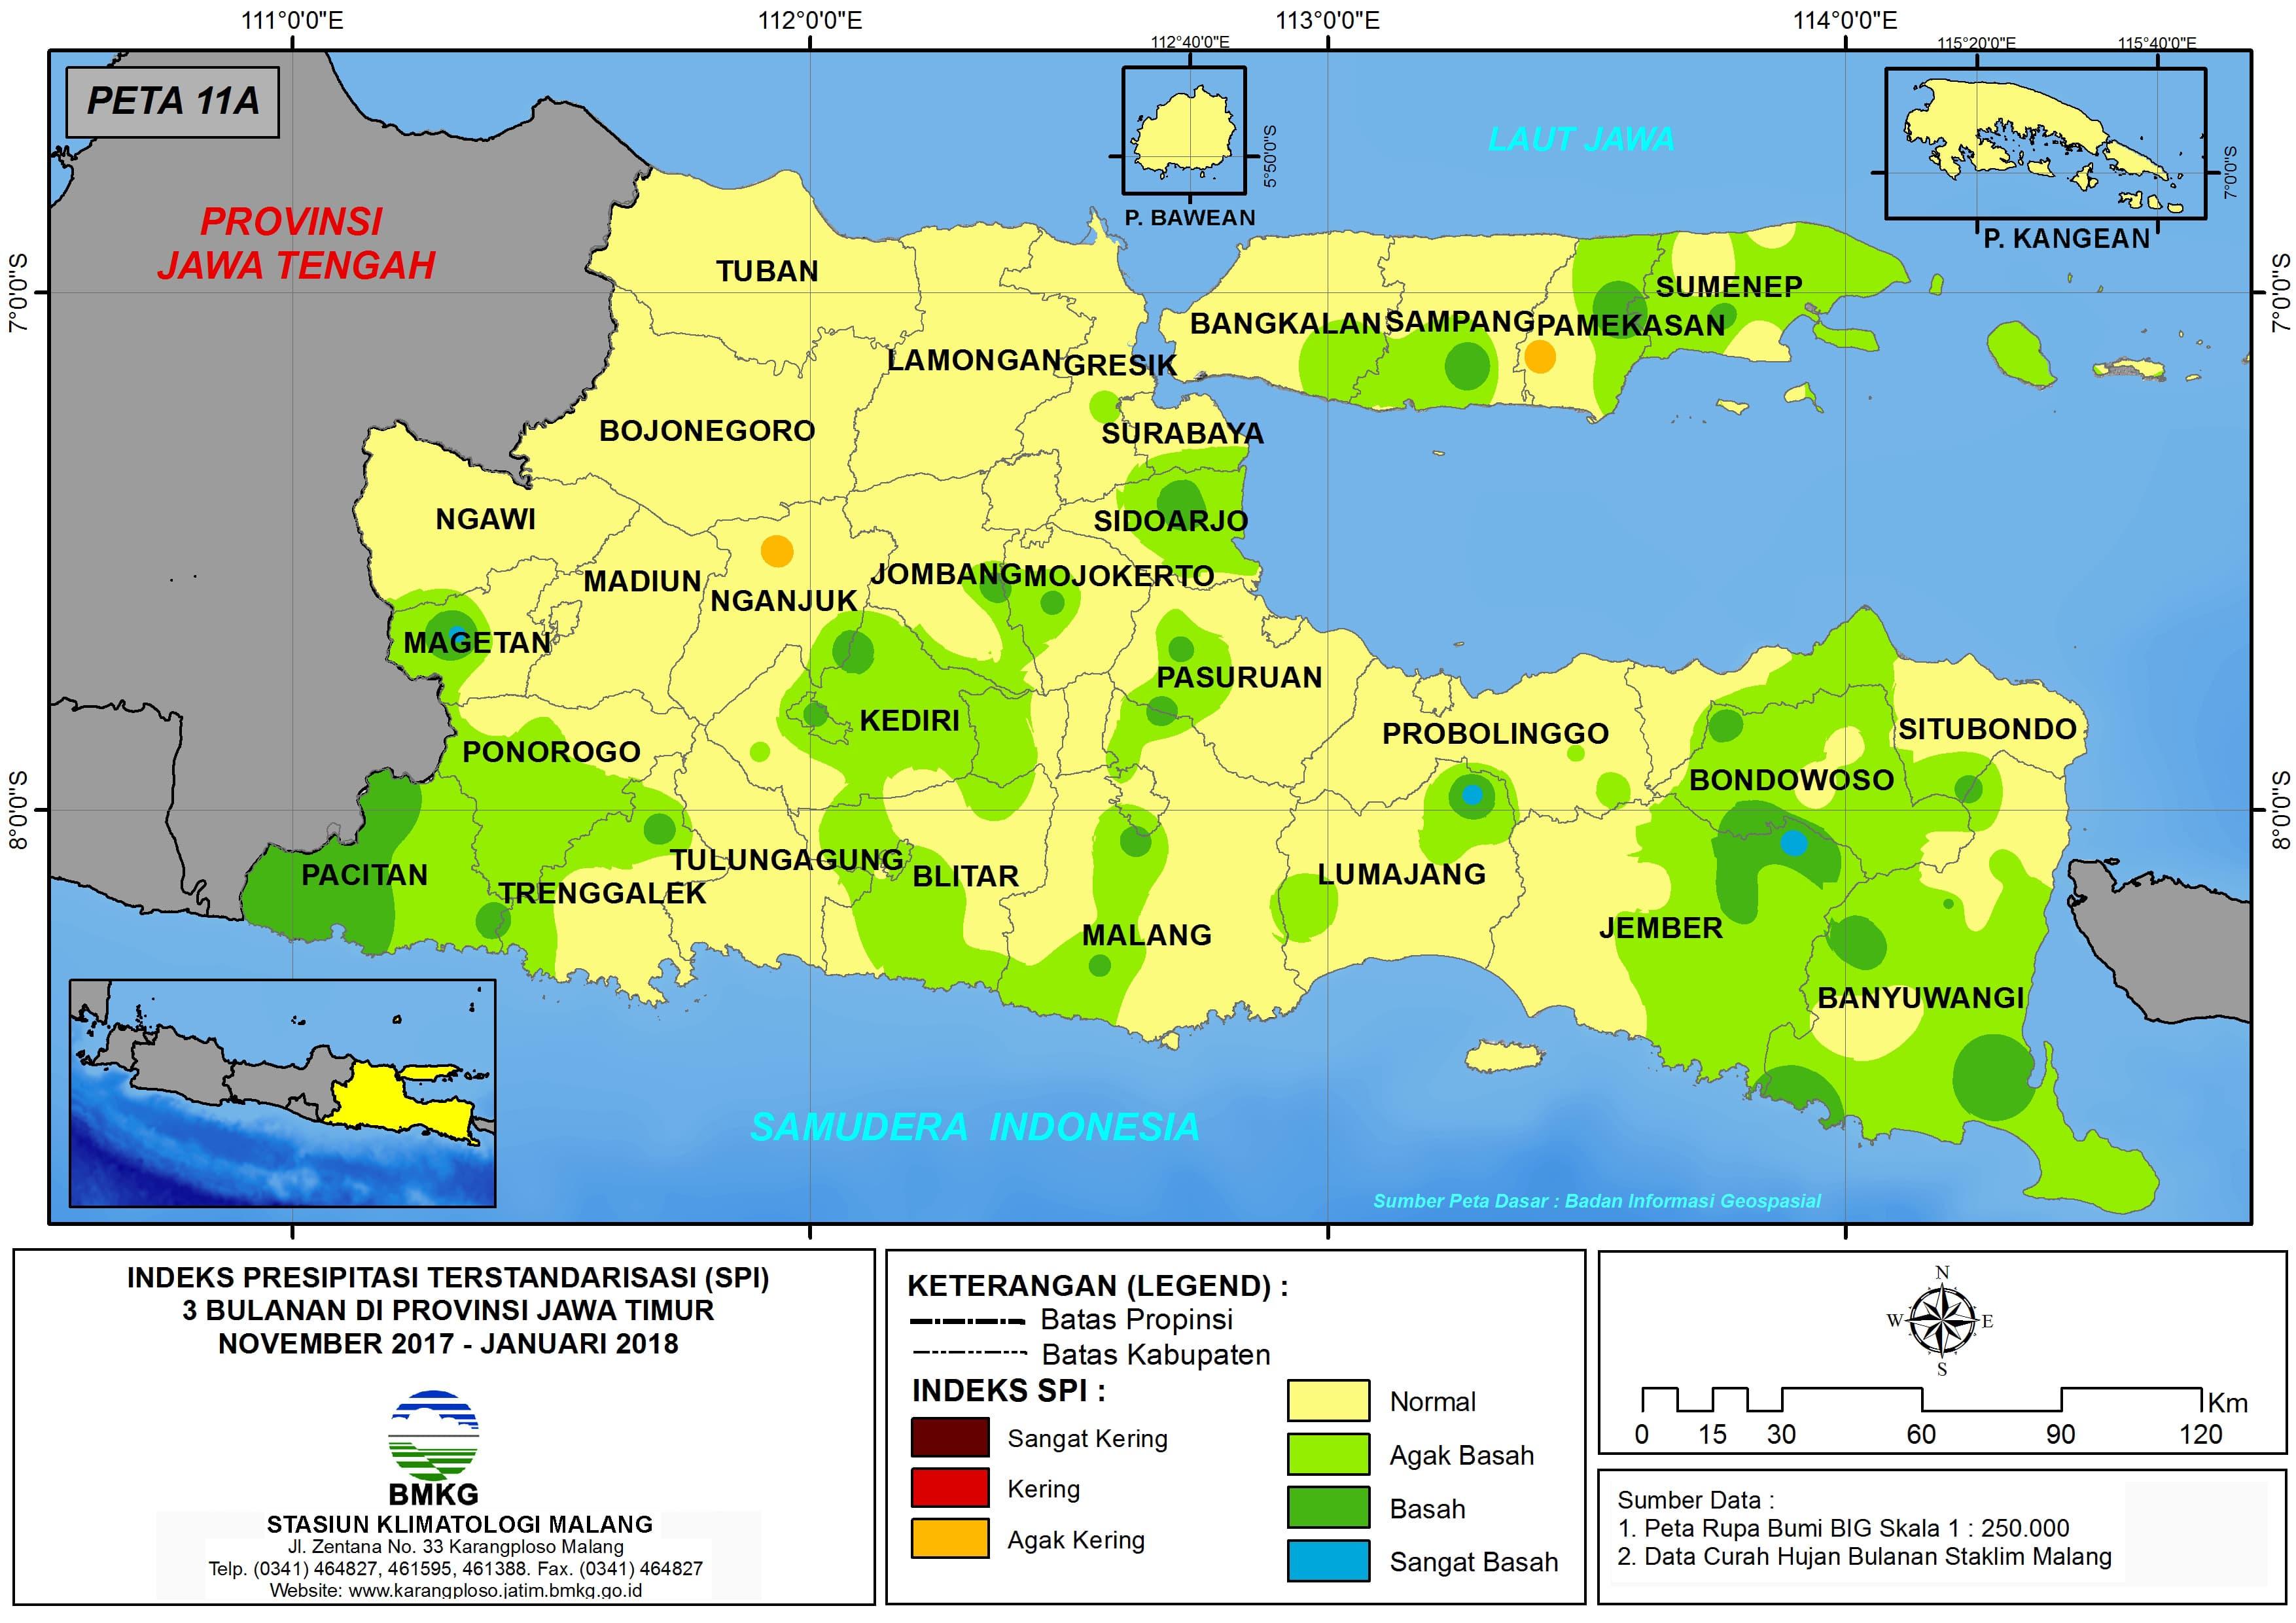 Analisis Indeks Presipitasi Terstandarisasi (SPI) 3 Bulanan Untuk Bulan November Desember Tahun 2017 Januari Tahun 2018 di Provinsi Jawa Timur